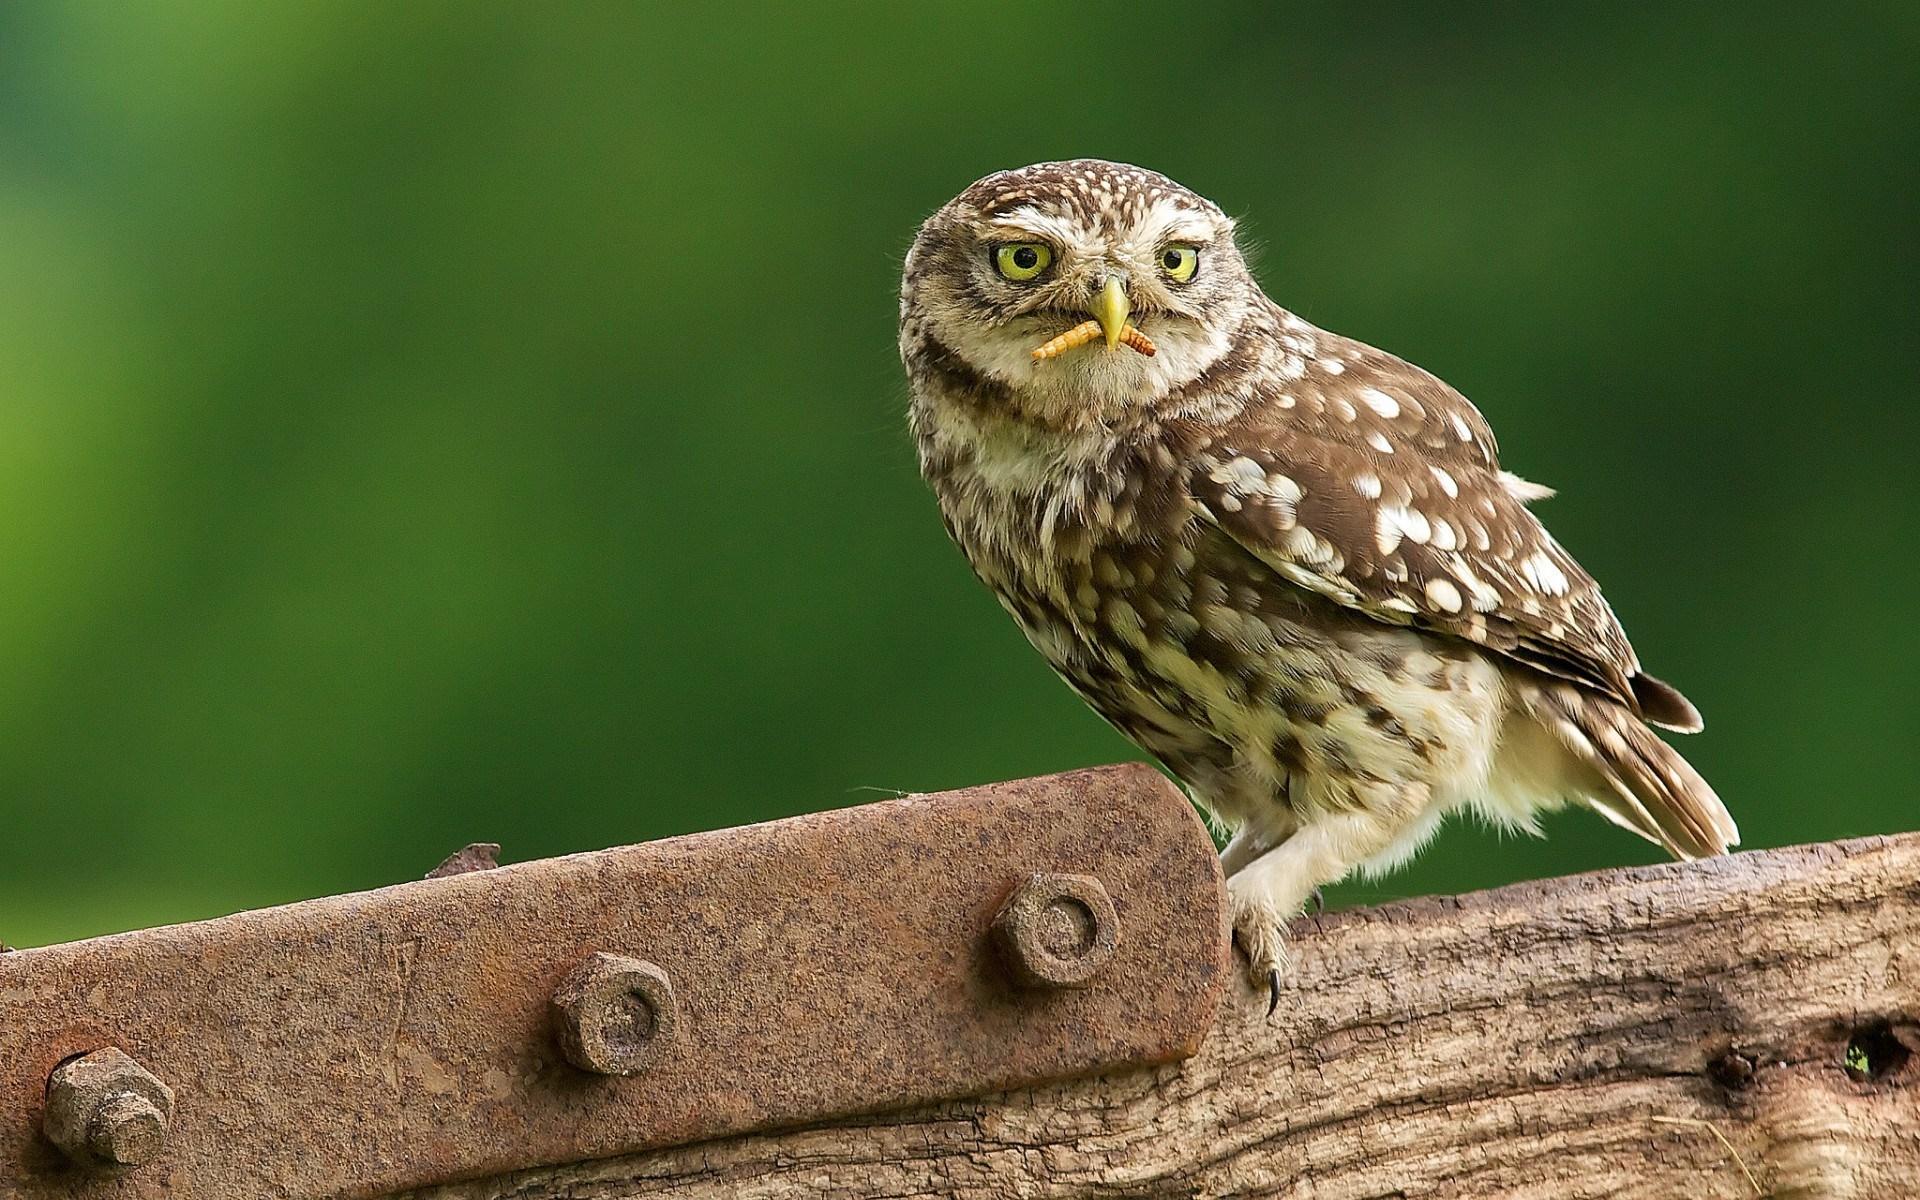 Owl Worm